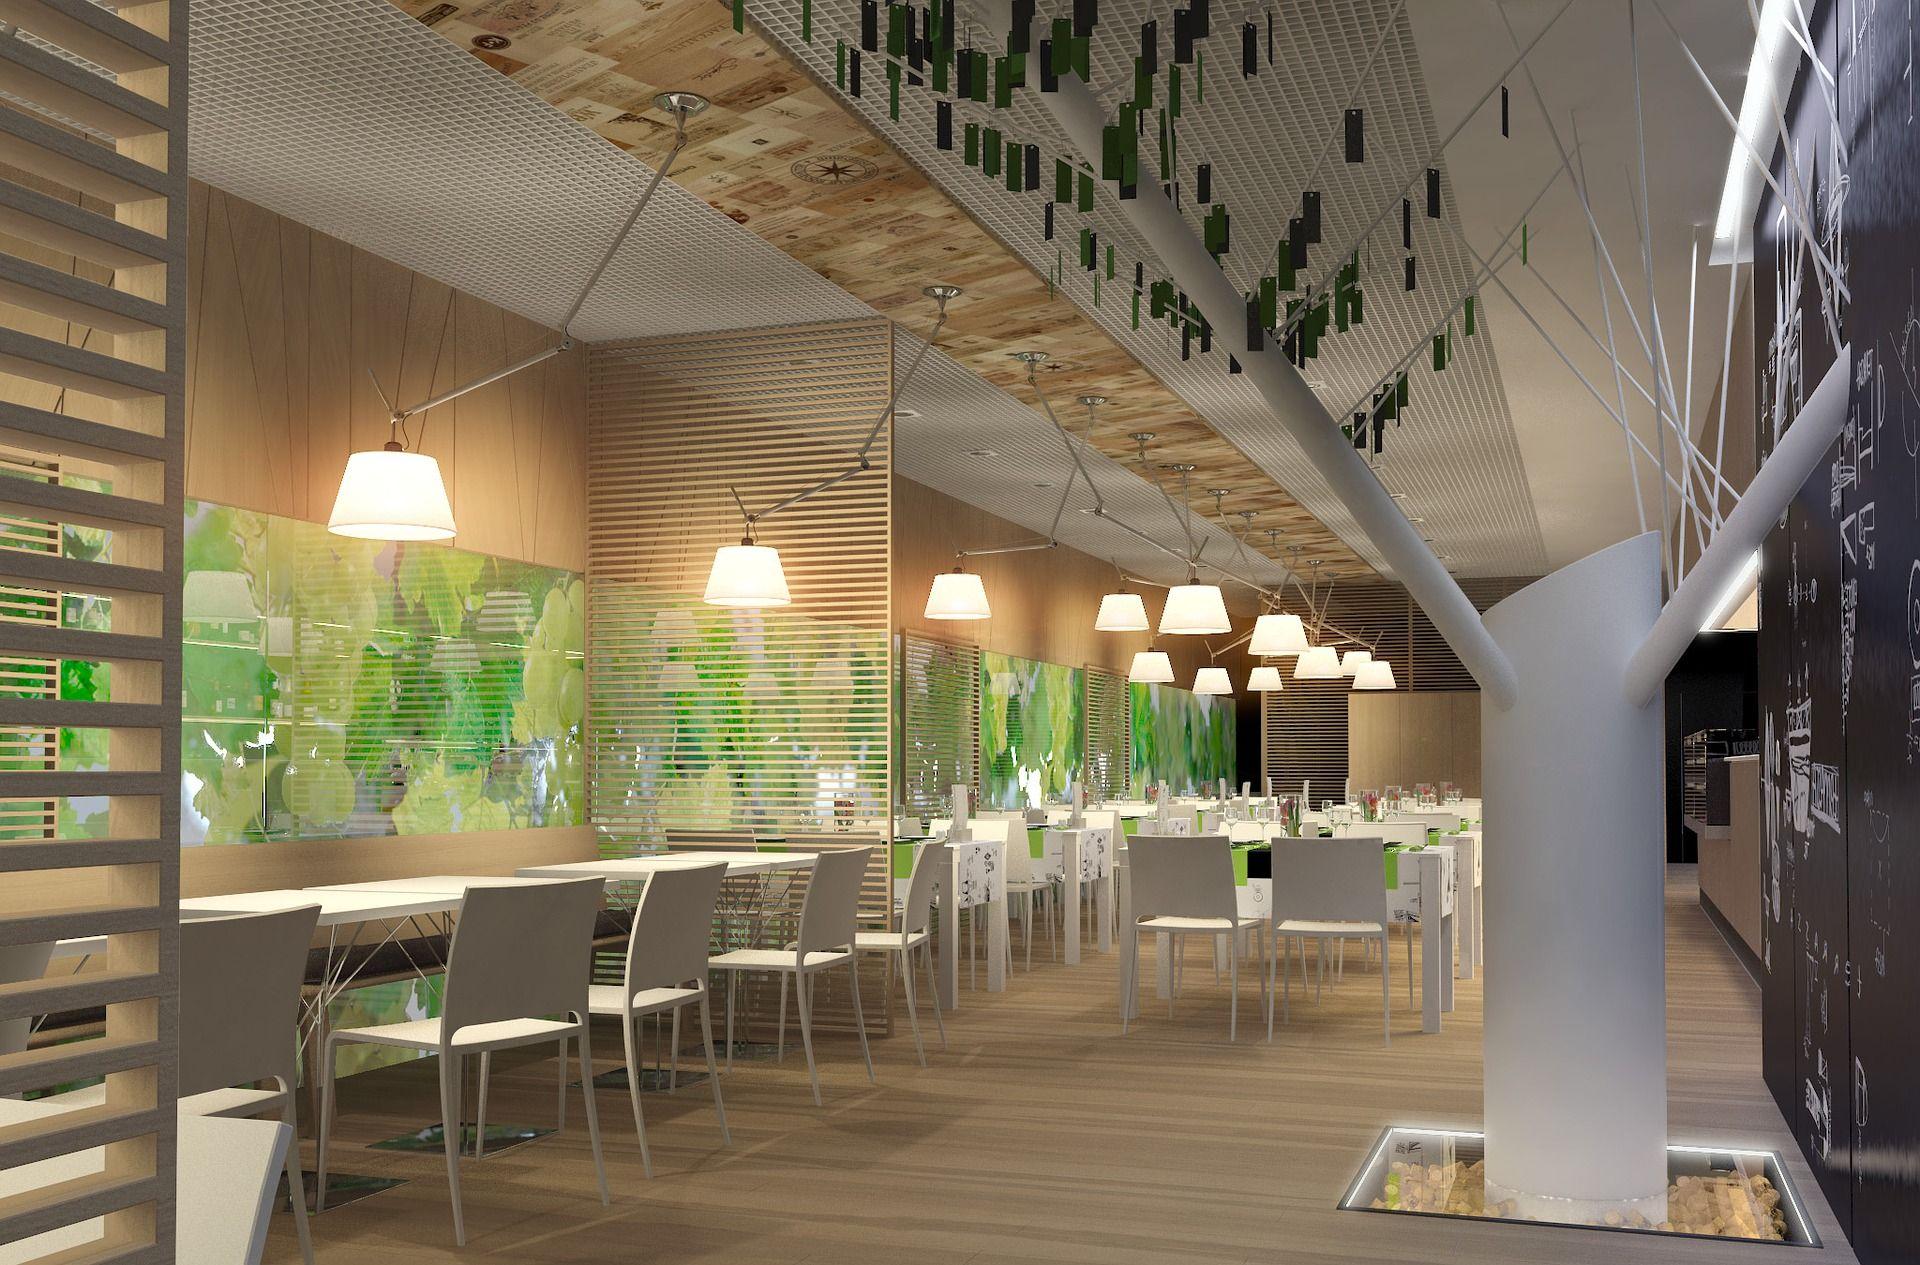 Cloison Amovible Pour Salle De Bain la cloison amovible, l'idée pour séparer les espaces ?